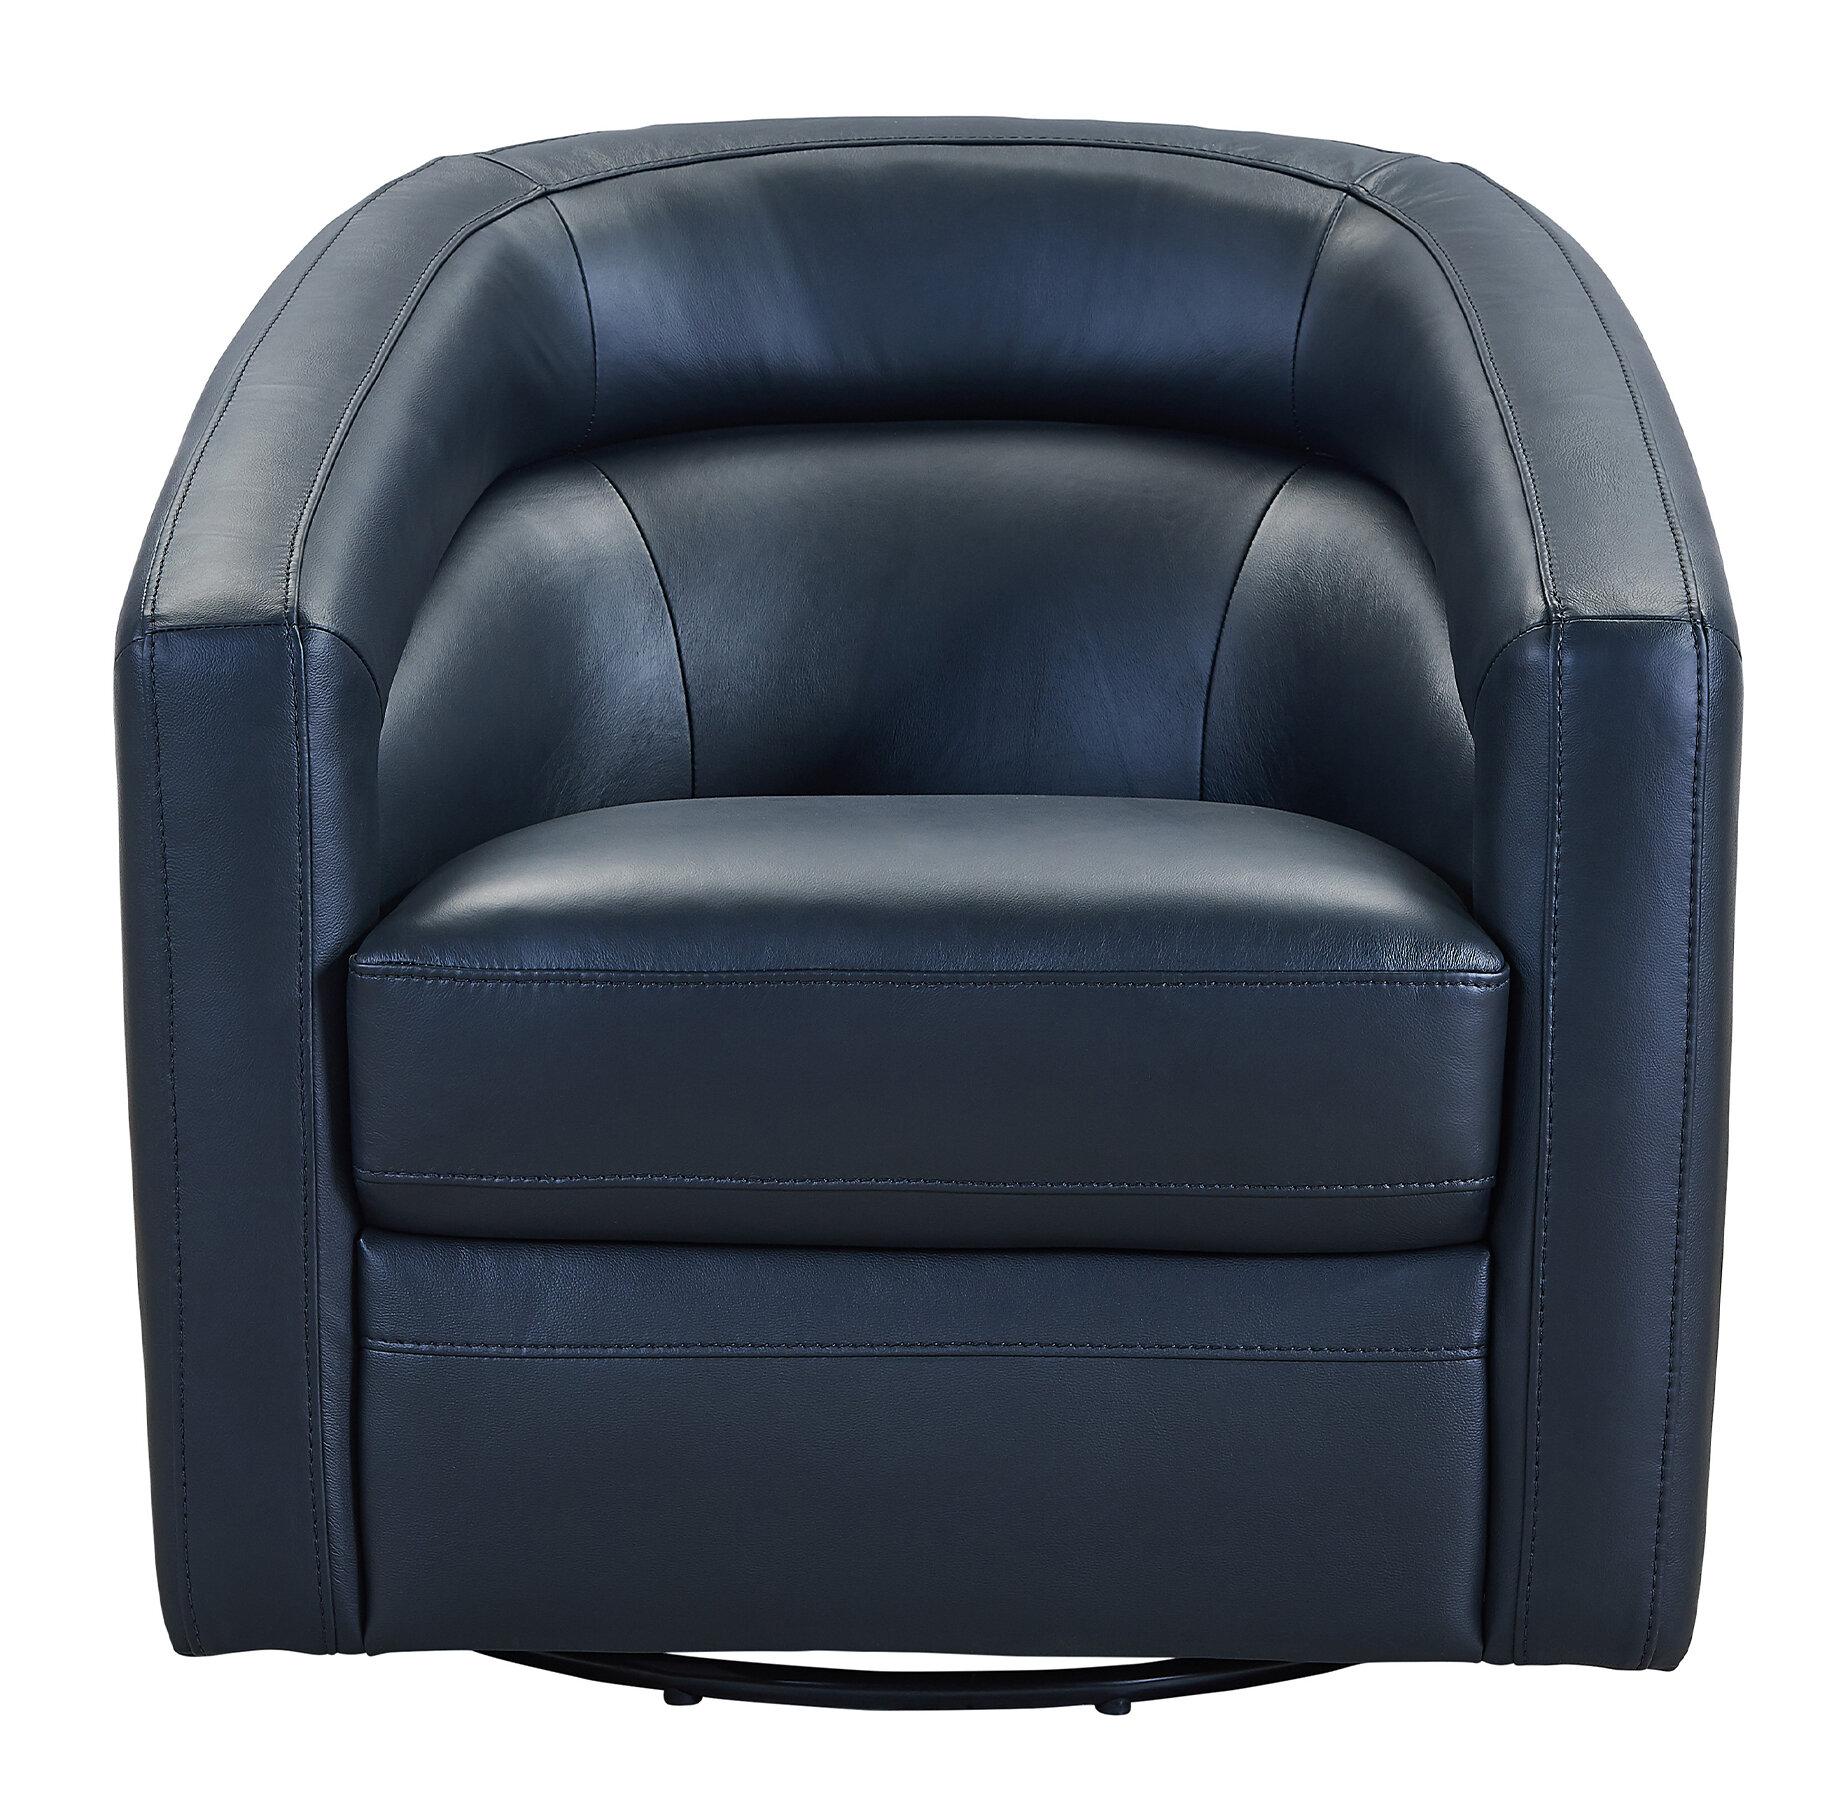 Attirant Silloth Contemporary Genuine Leather Swivel Barrel Chair